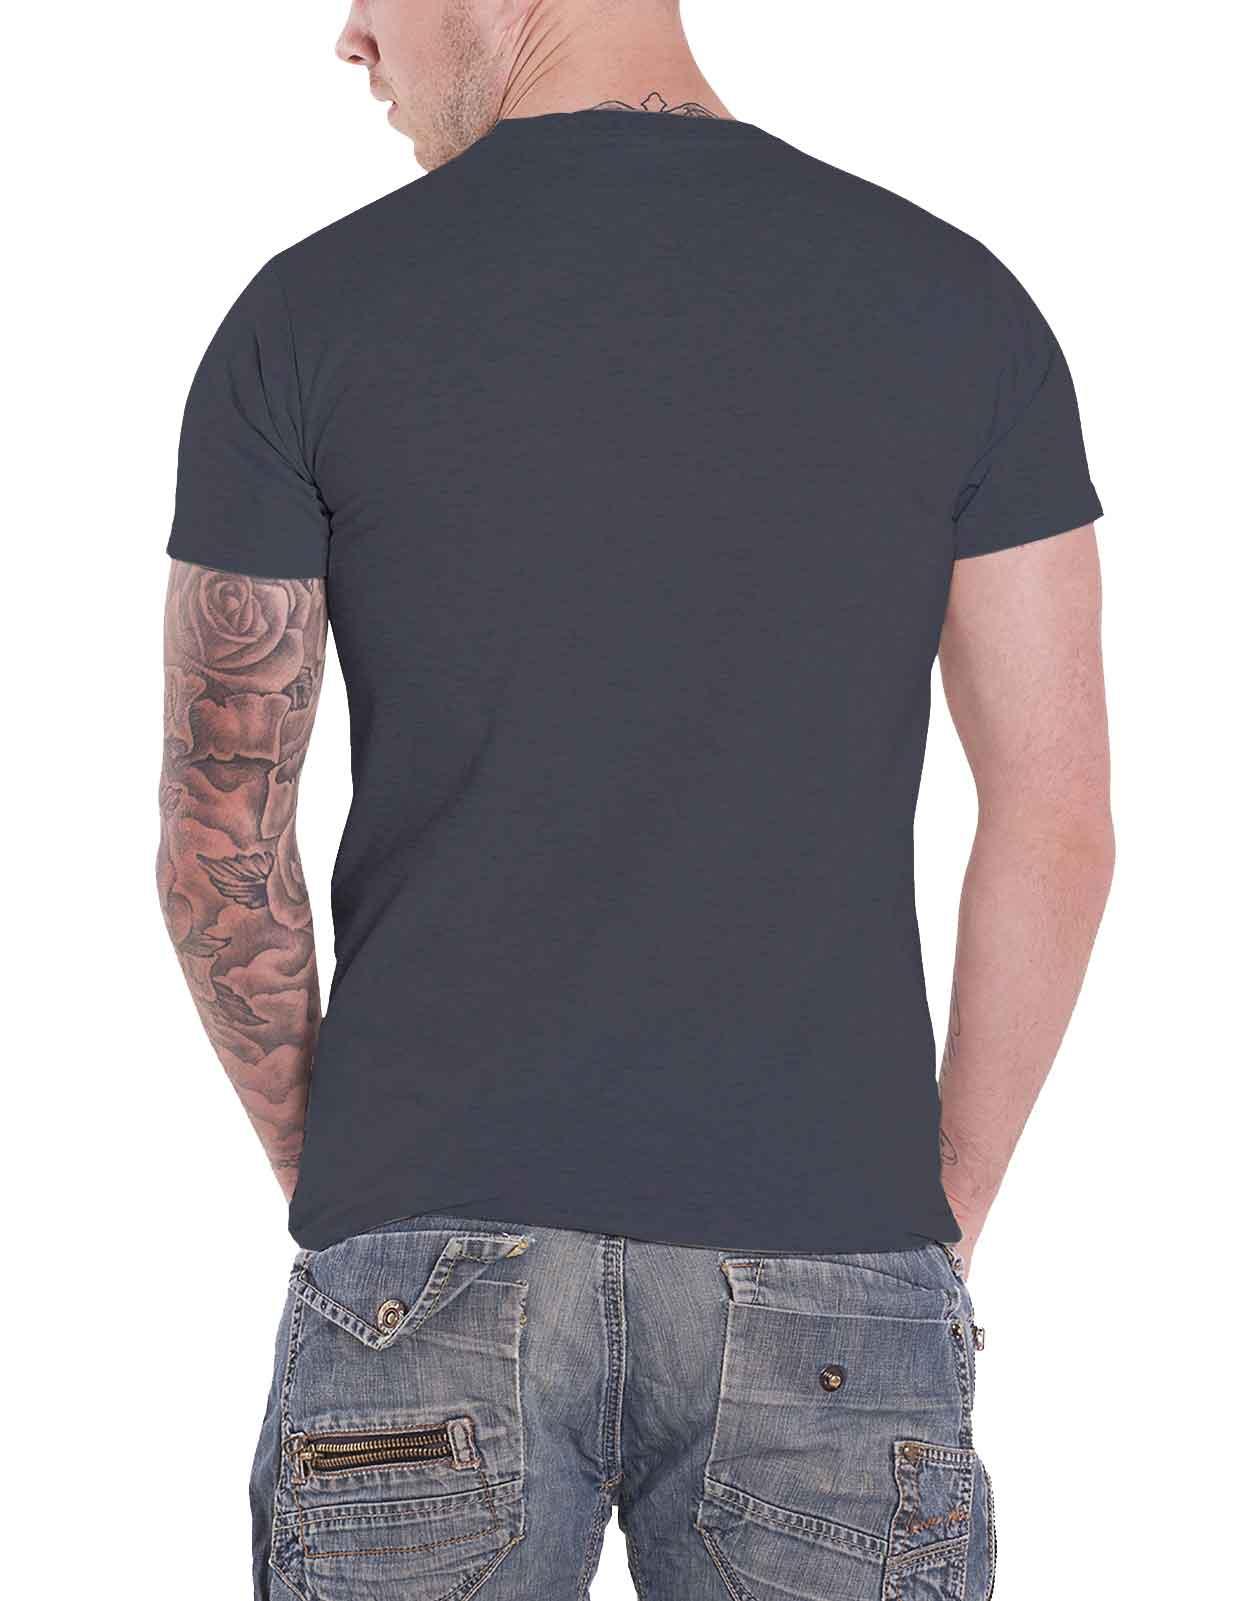 Rick-and-Morty-T-Shirt-Pickle-Rick-Portail-spirale-Wubba-Lubba-nouveau-officiel-Homme miniature 25